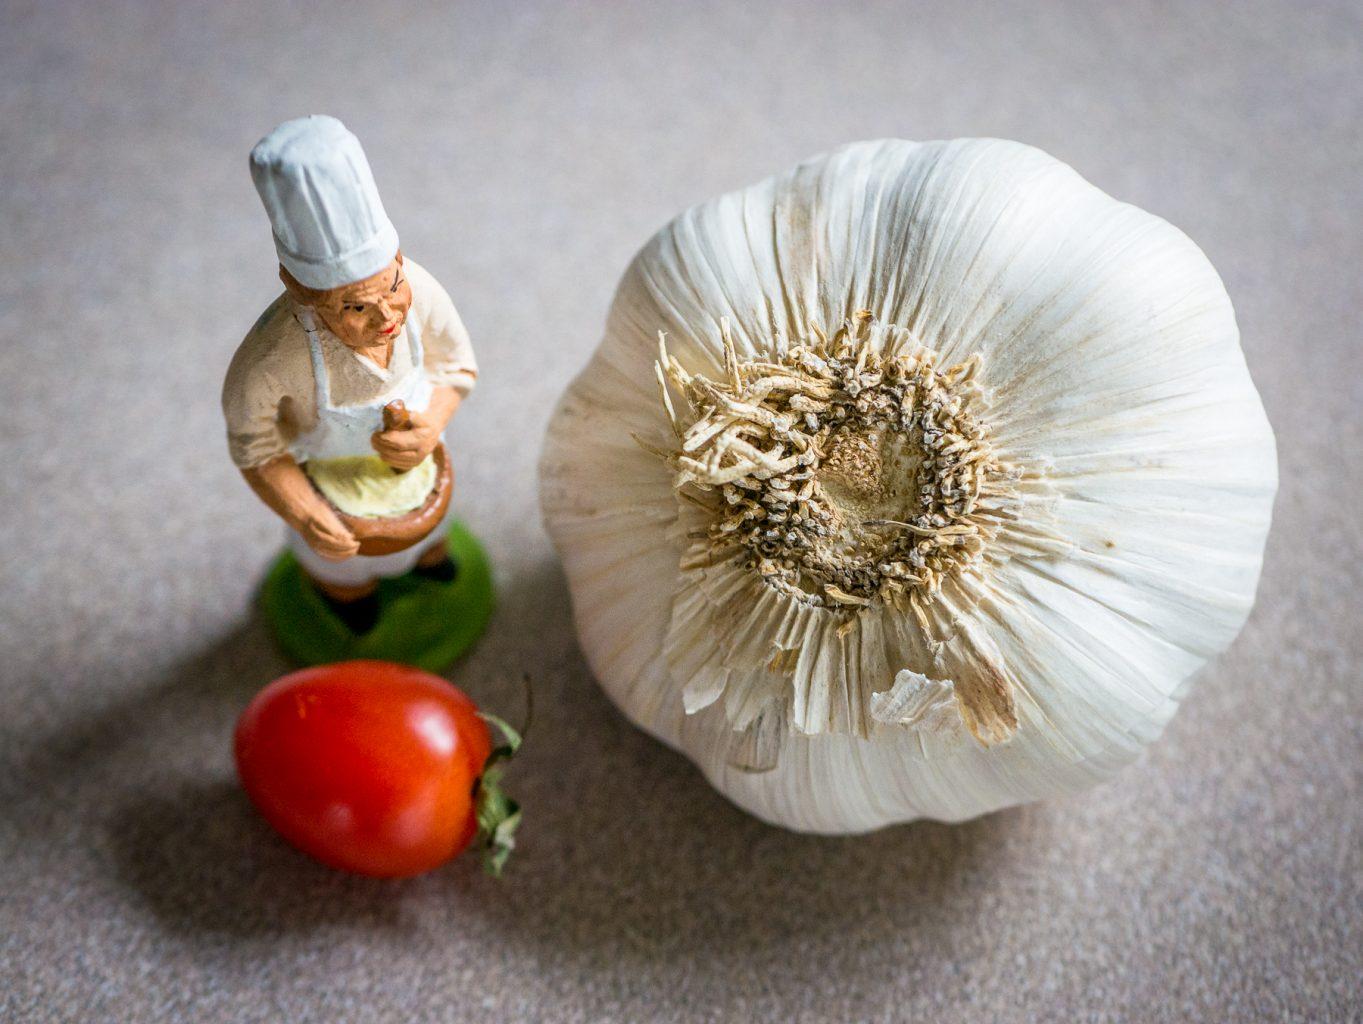 Small chef figurine, tomato and garlic